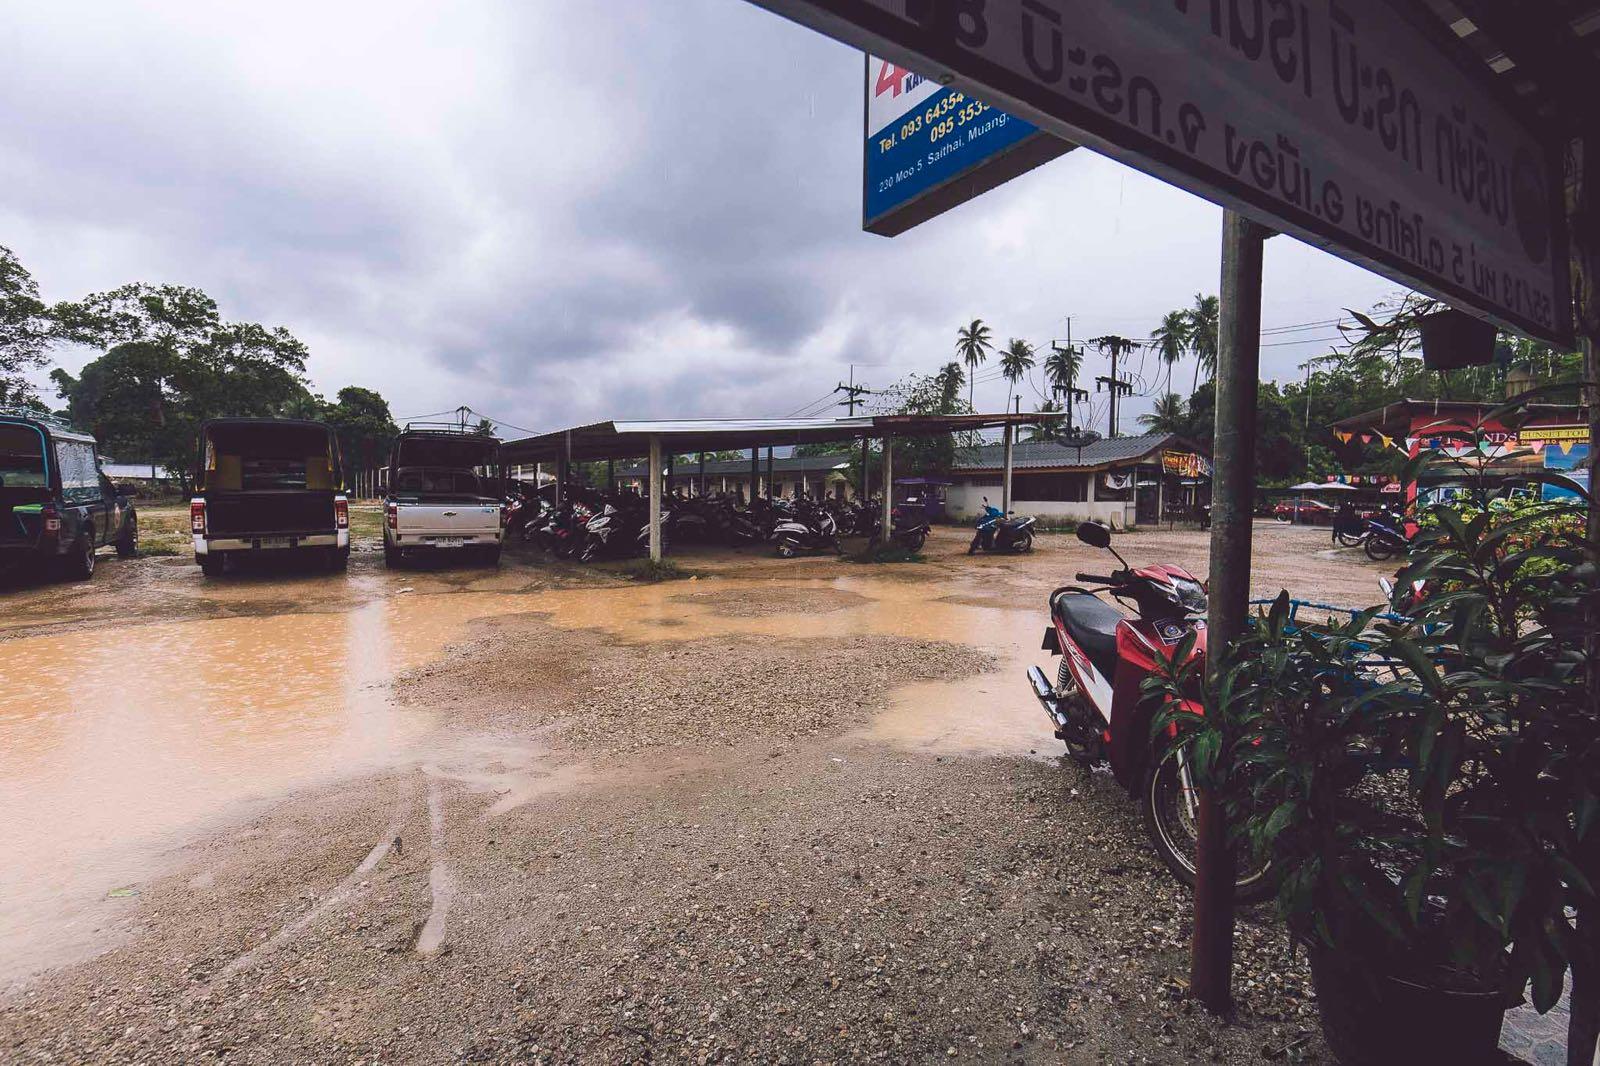 Krabi na początku pory suchej, chwilę po deszczu